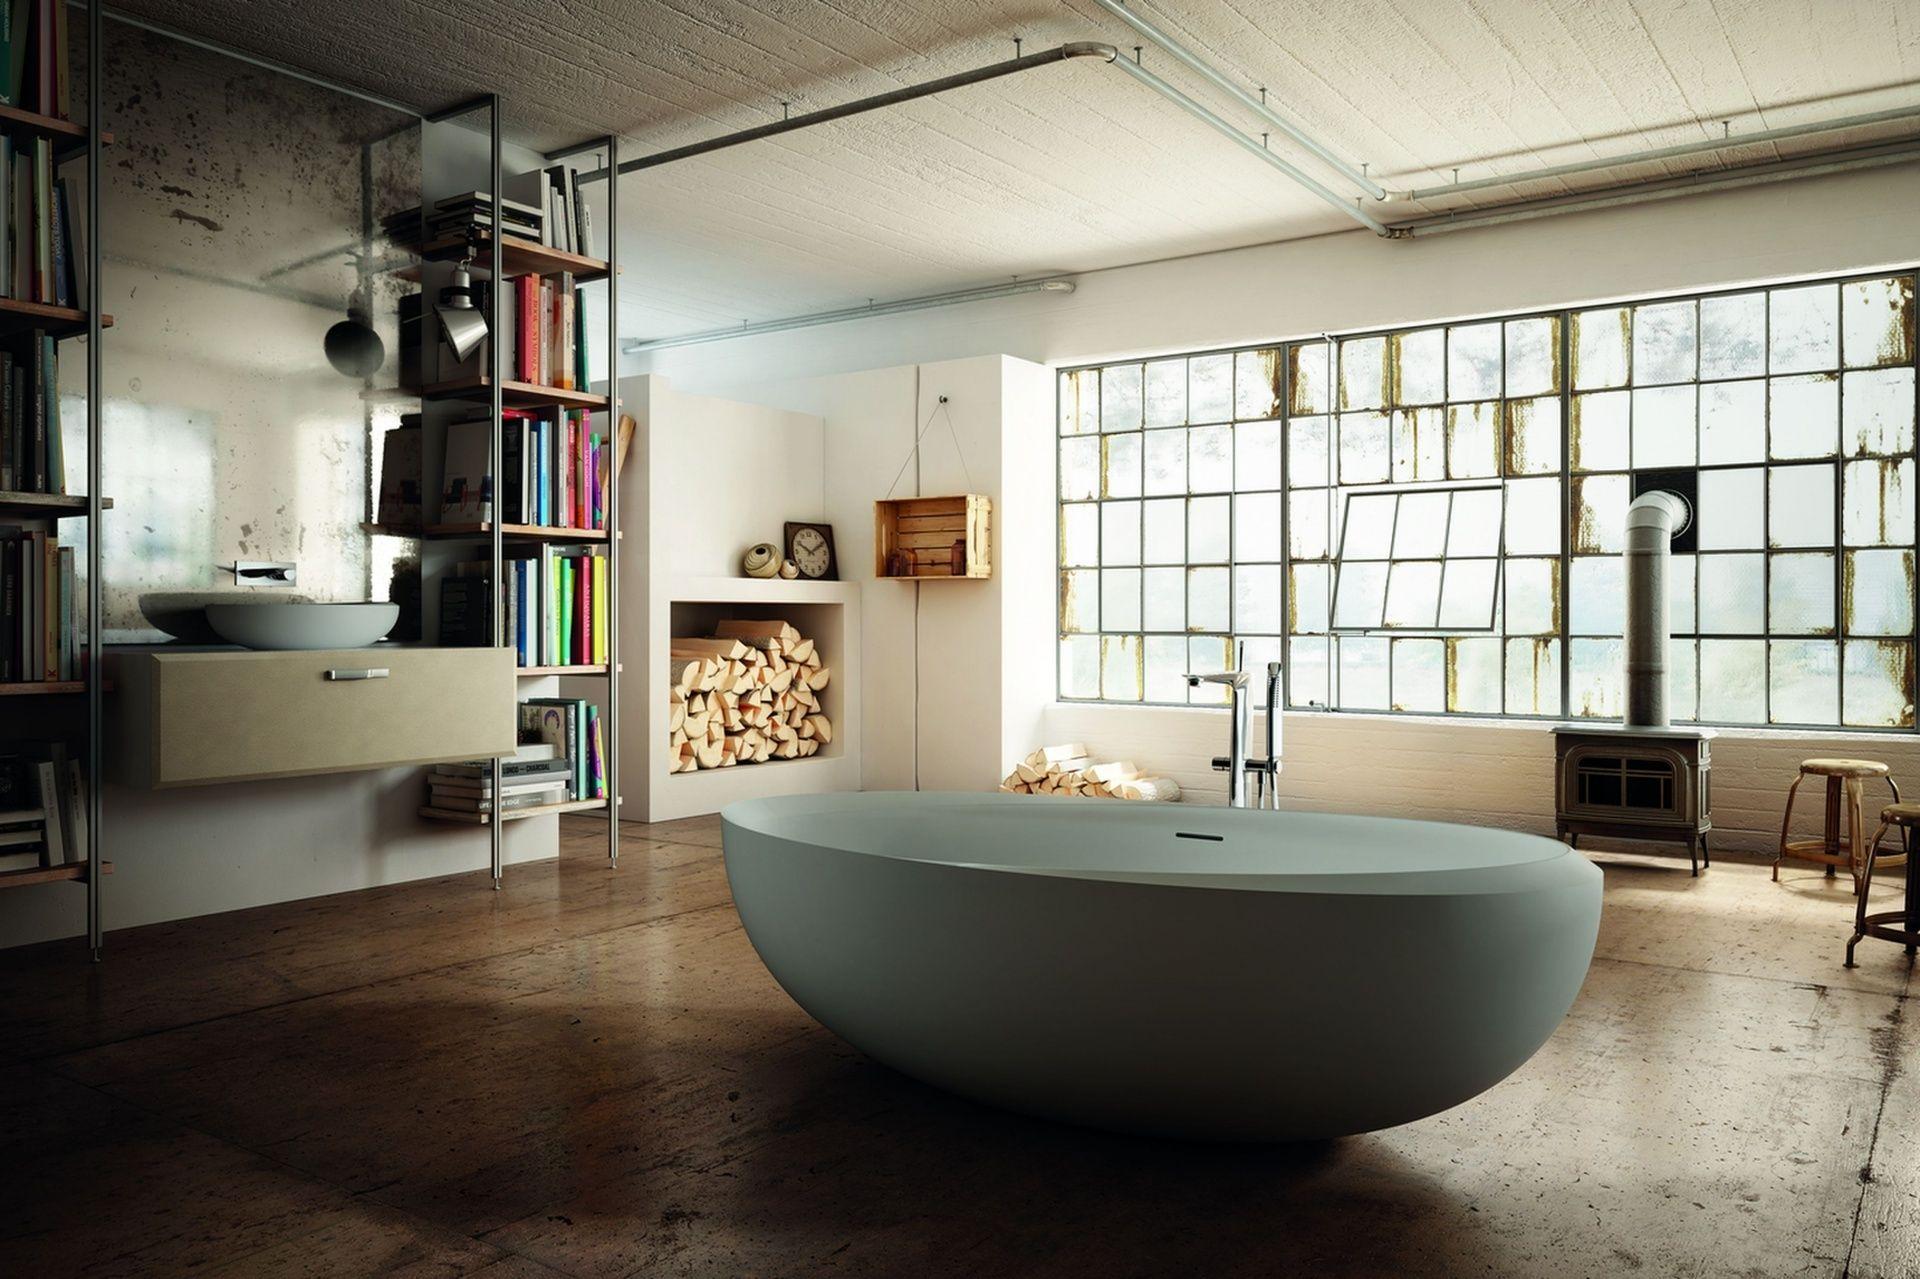 Badezimmer Umbau ~ Dusche oder badewanne: tipps für den badezimmer umbau homegate